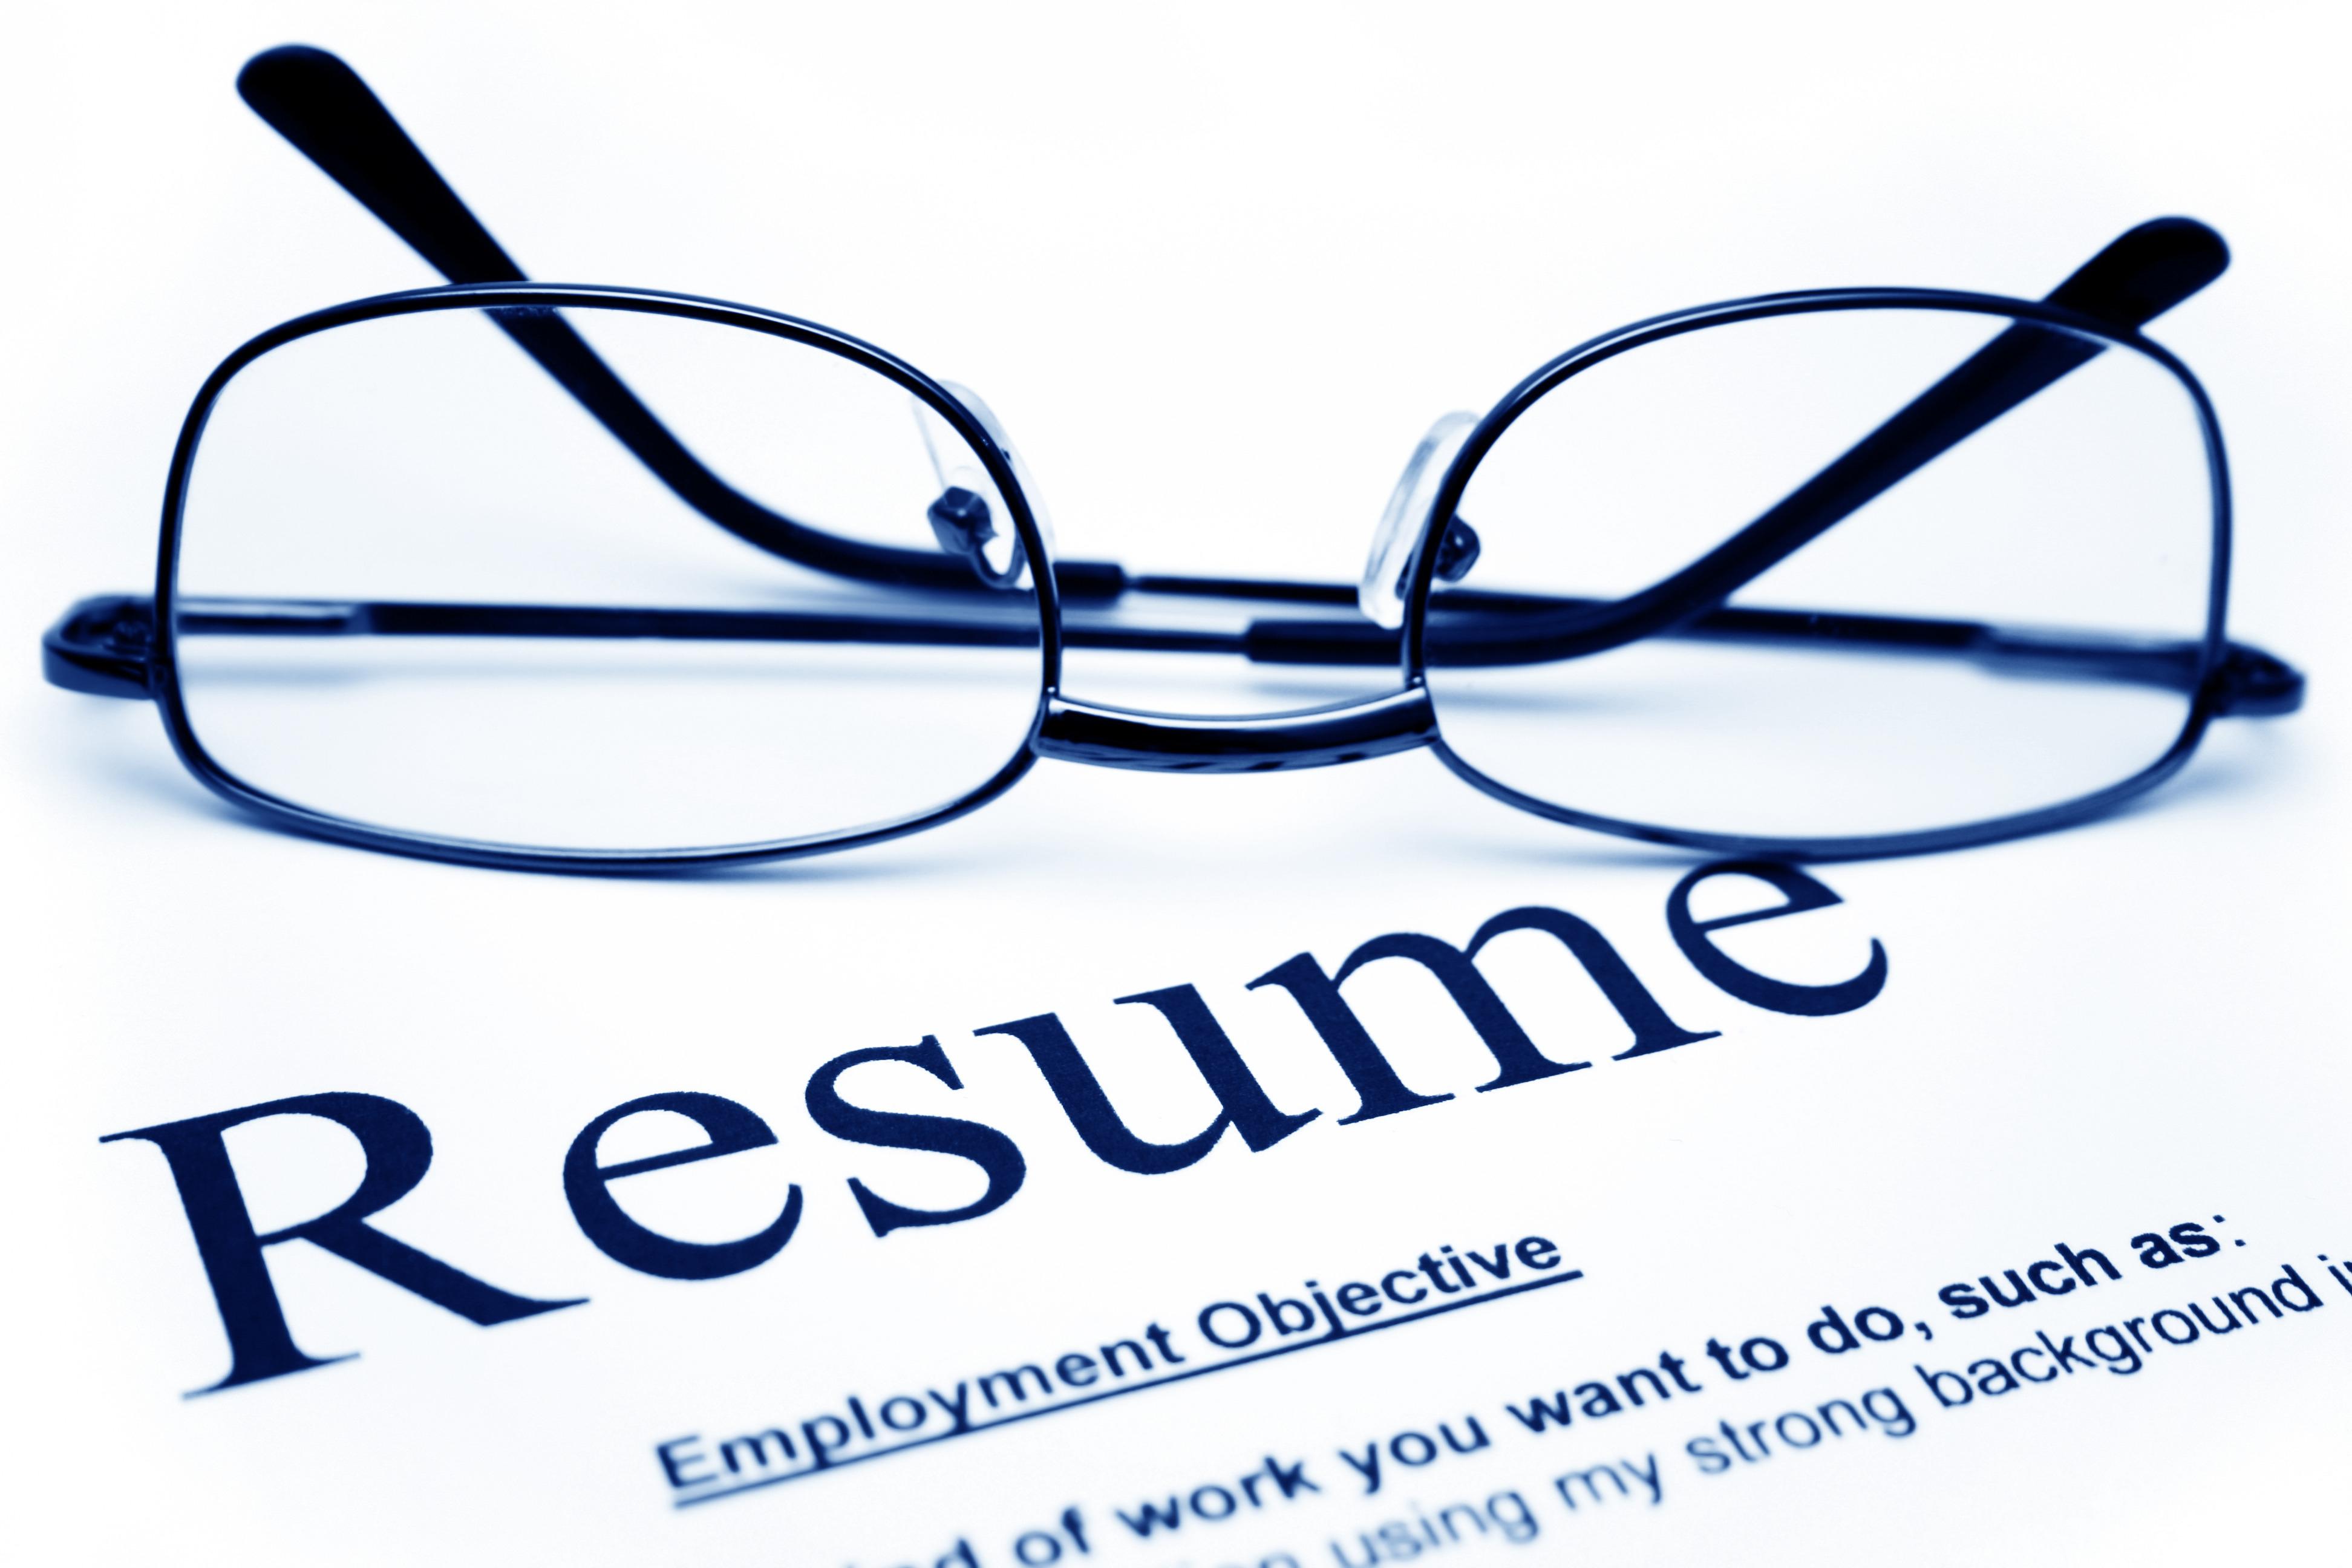 resume success